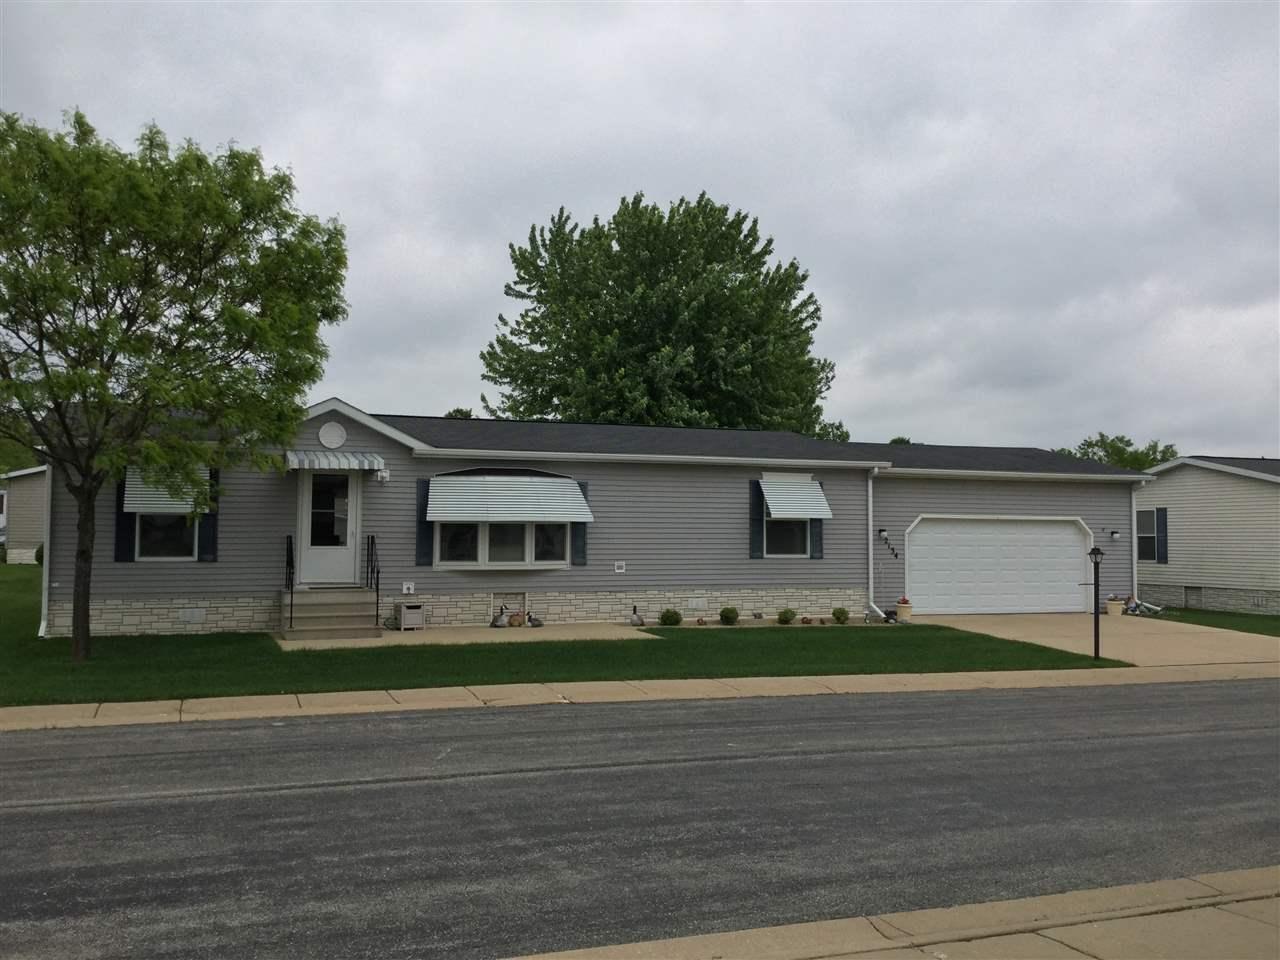 2134 Iris Ave, BELVIDERE, IL 61008